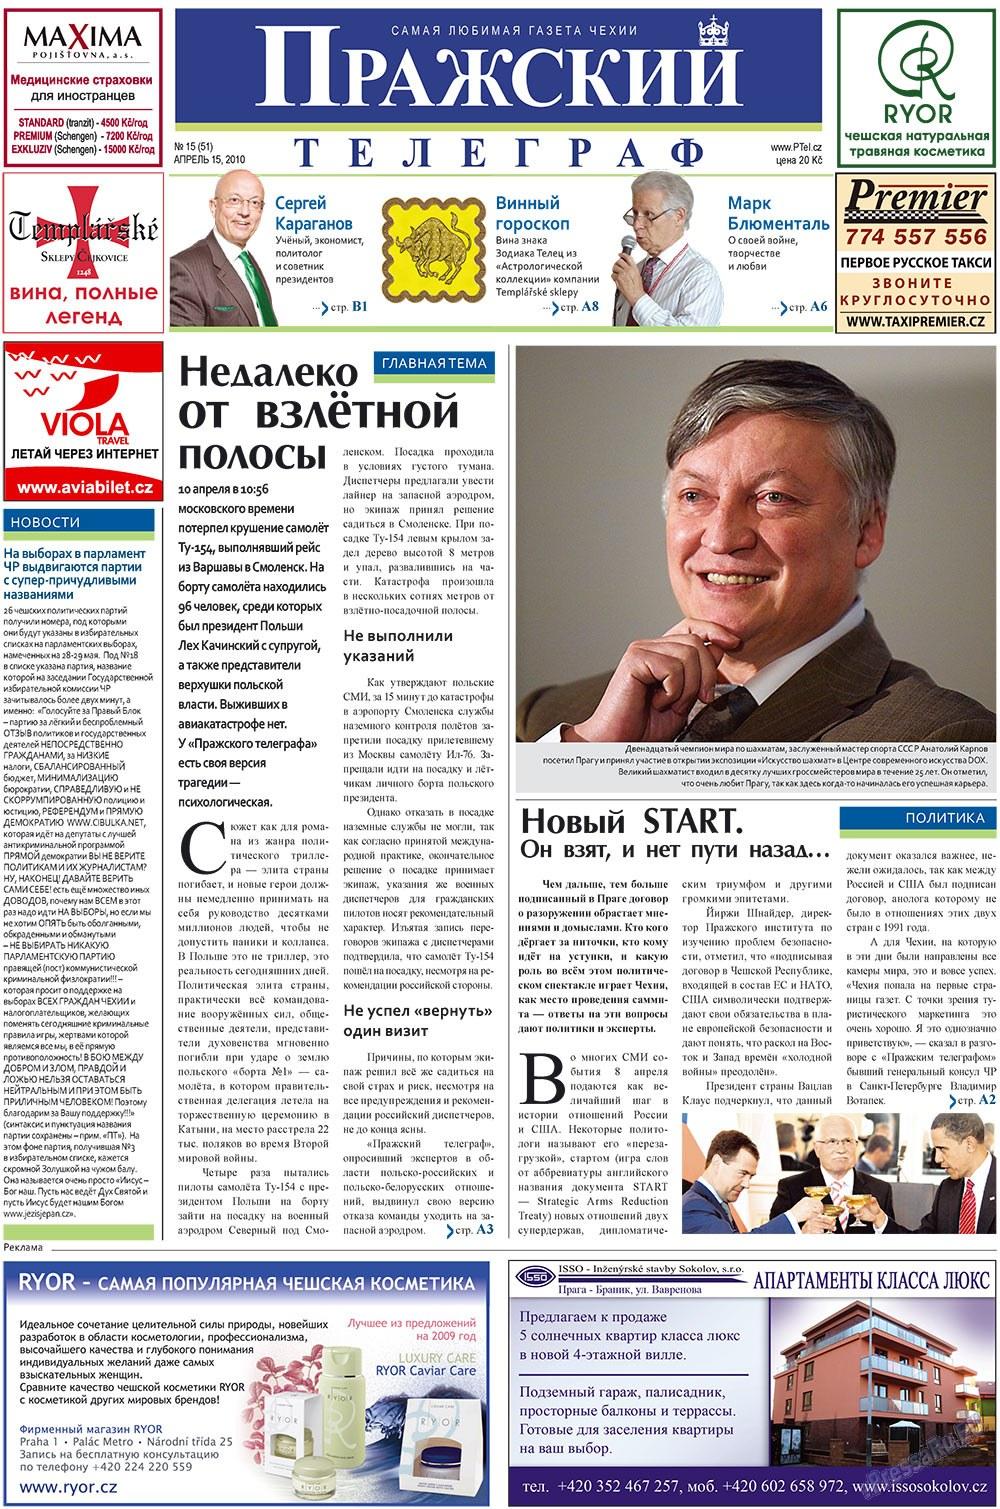 Пражский телеграф (газета). 2010 год, номер 15, стр. 1